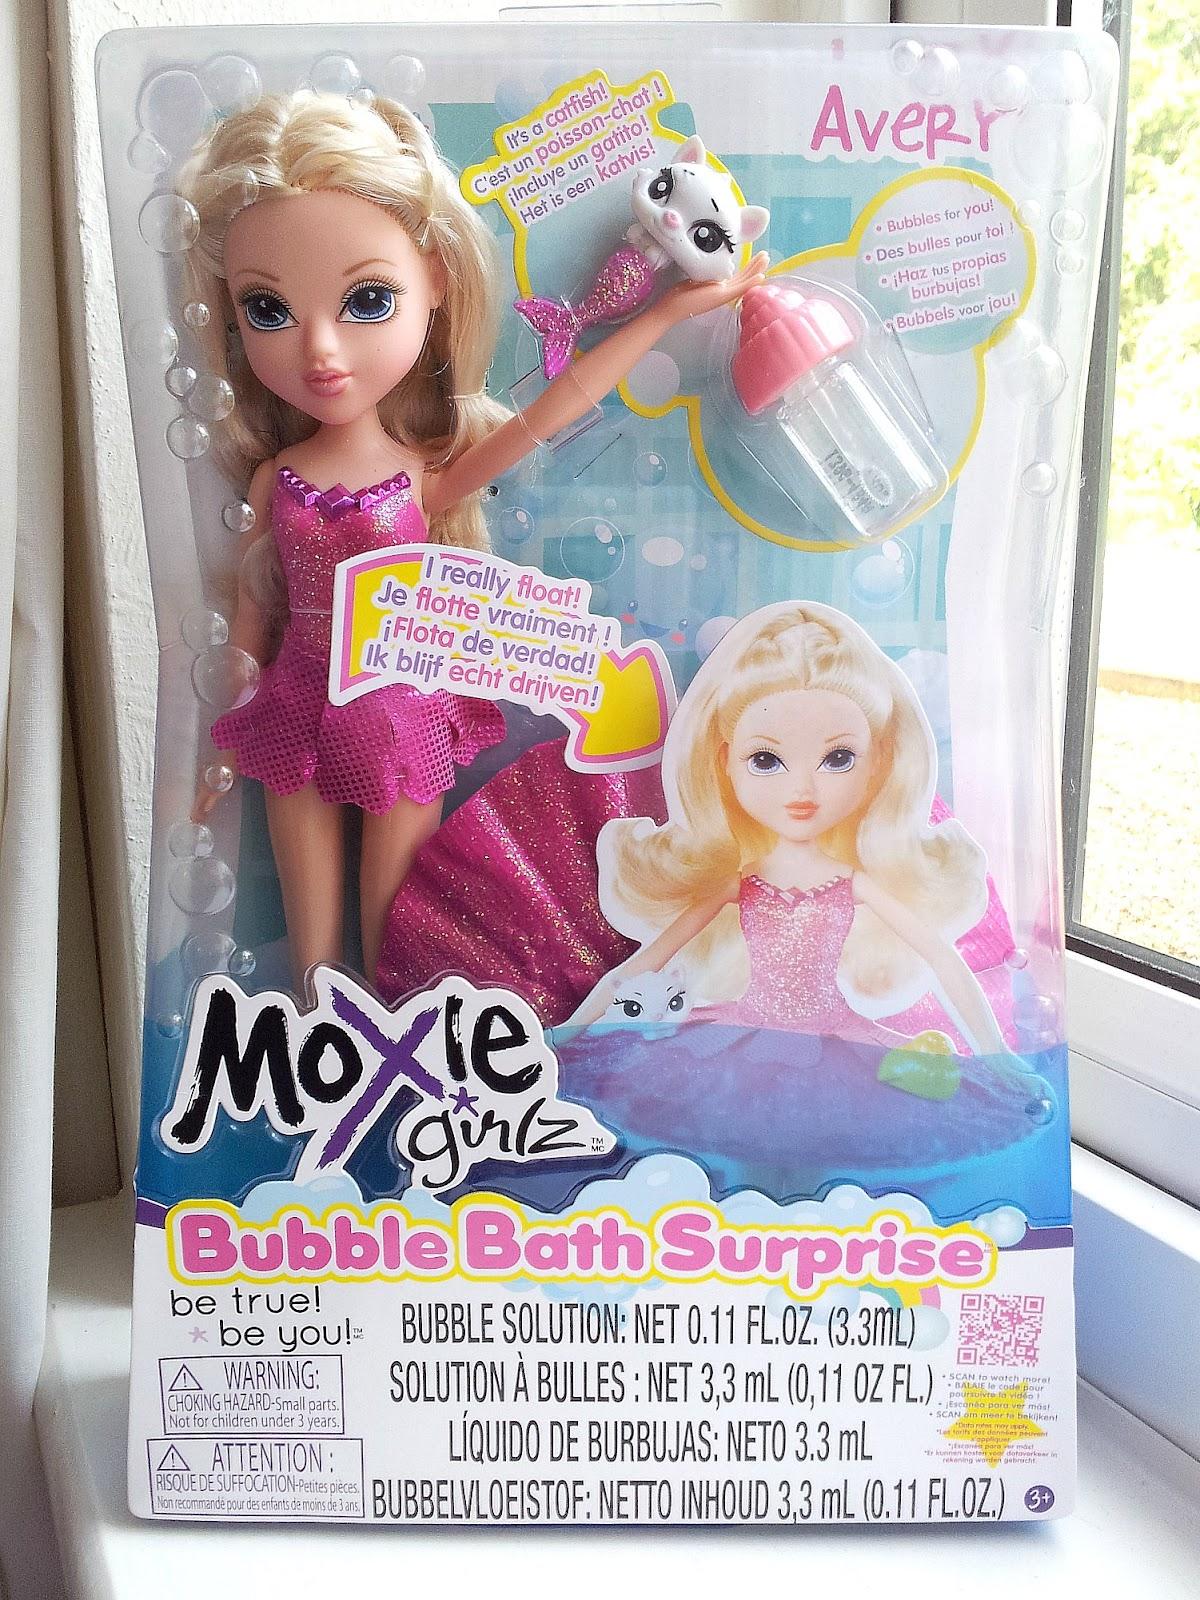 Moxie Girlz Bubble Bath Surprise | This Is Life